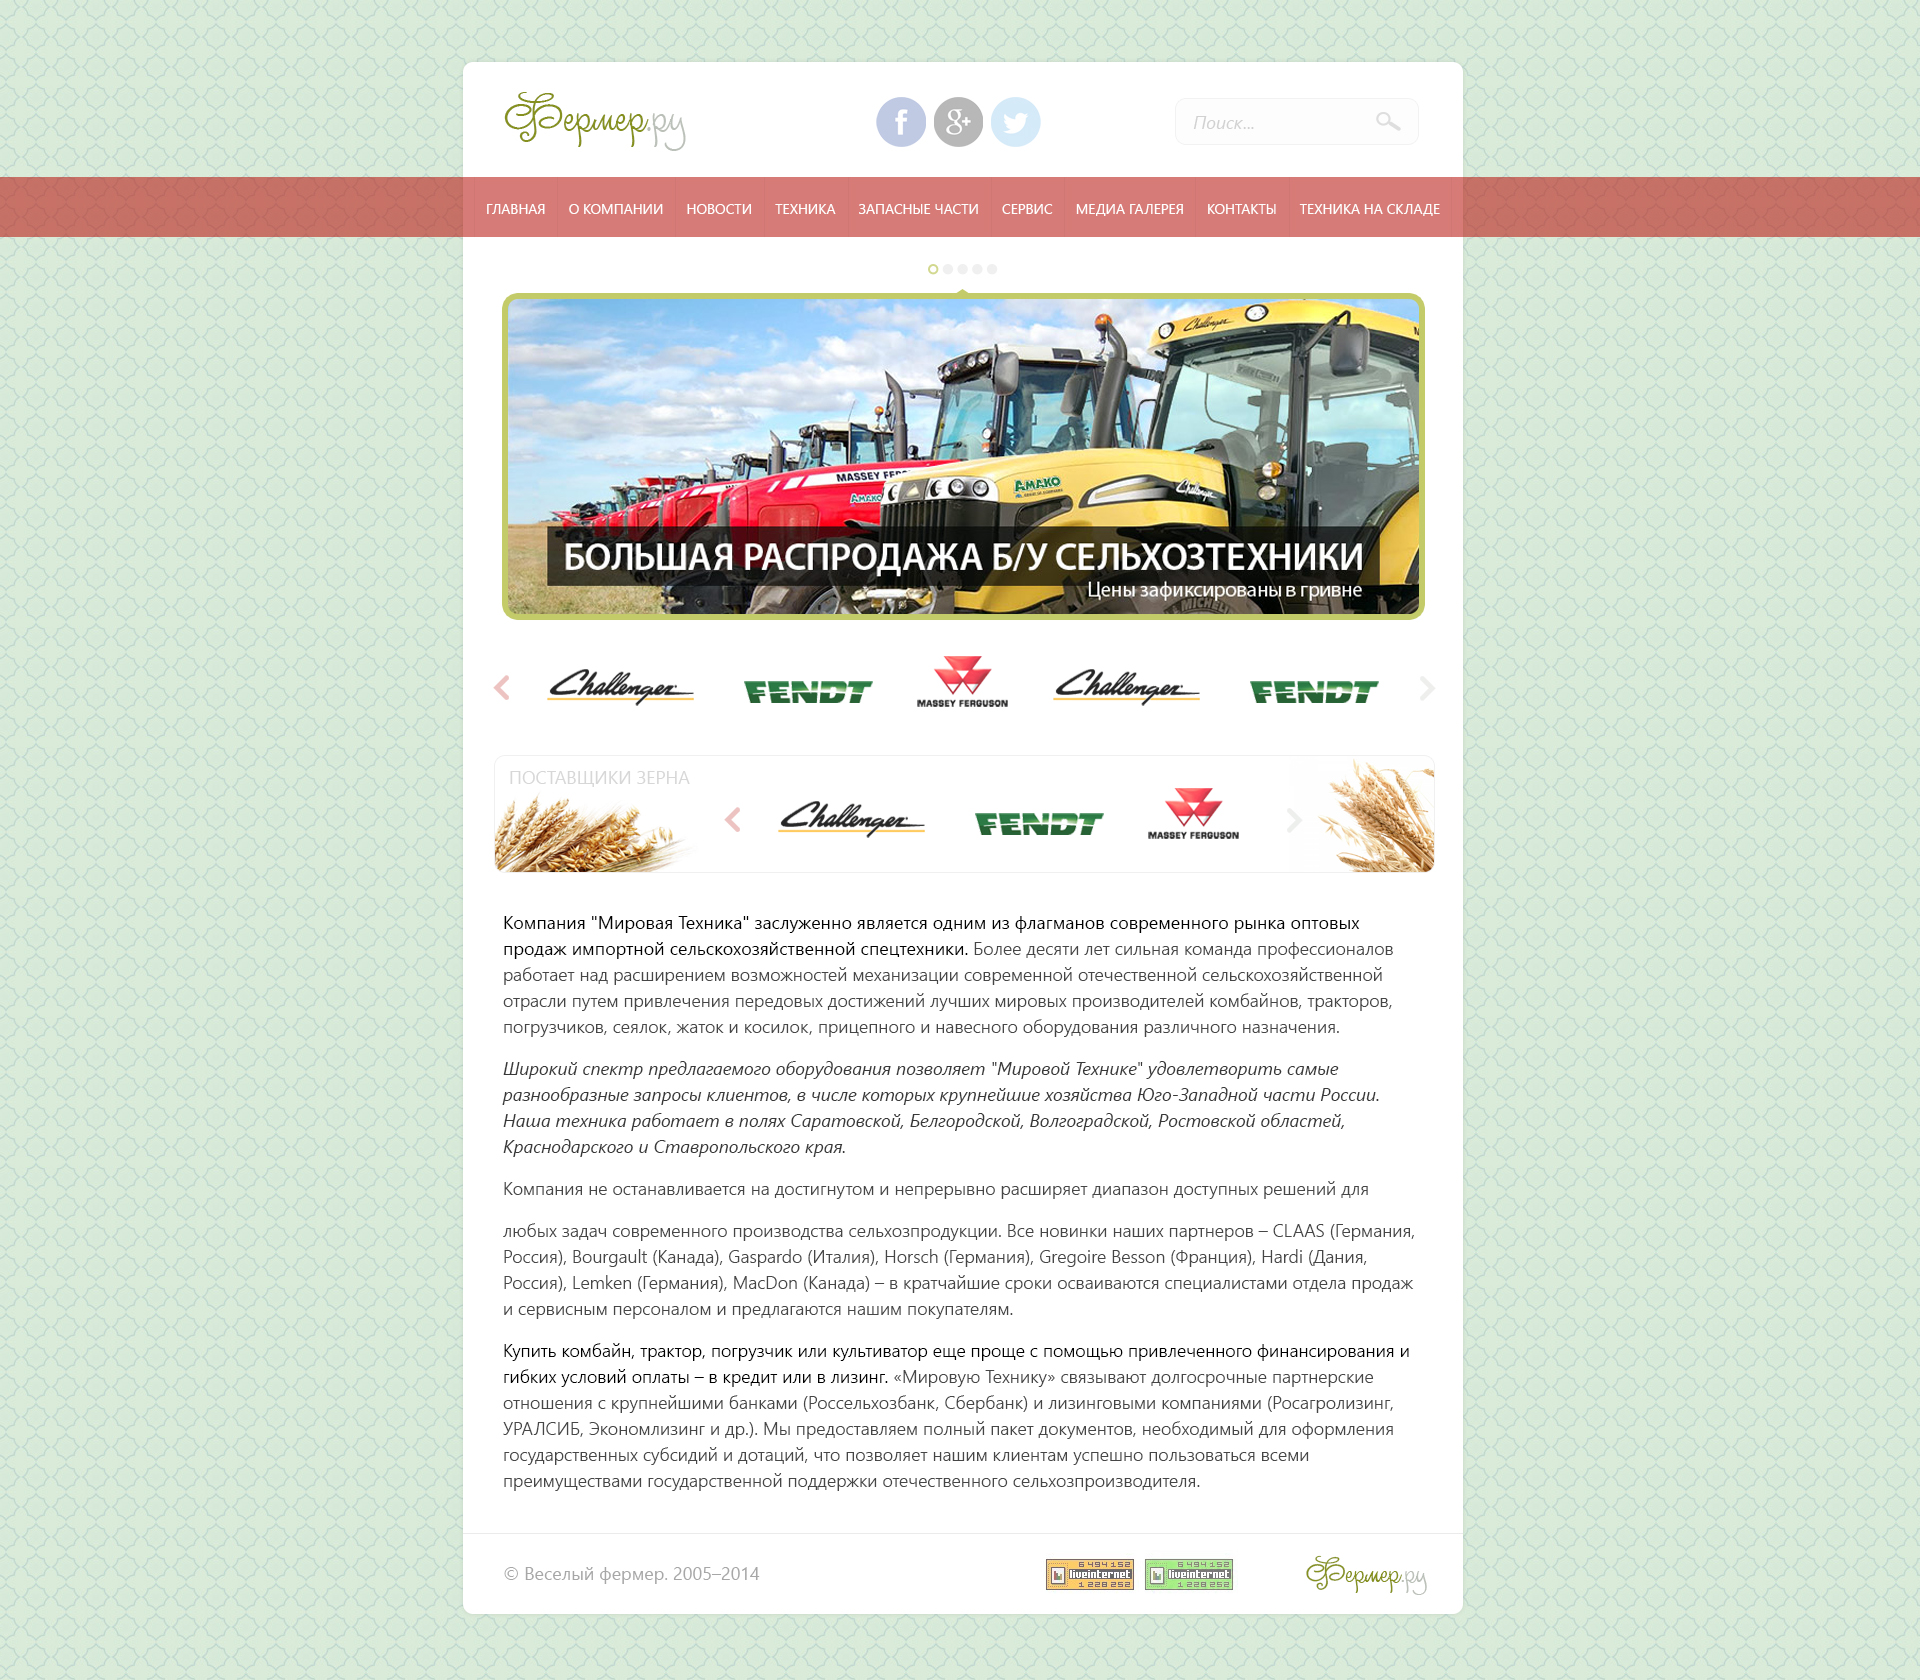 Дизайн сайта сельхоз техники фото f_040539b28293b1fd.jpg